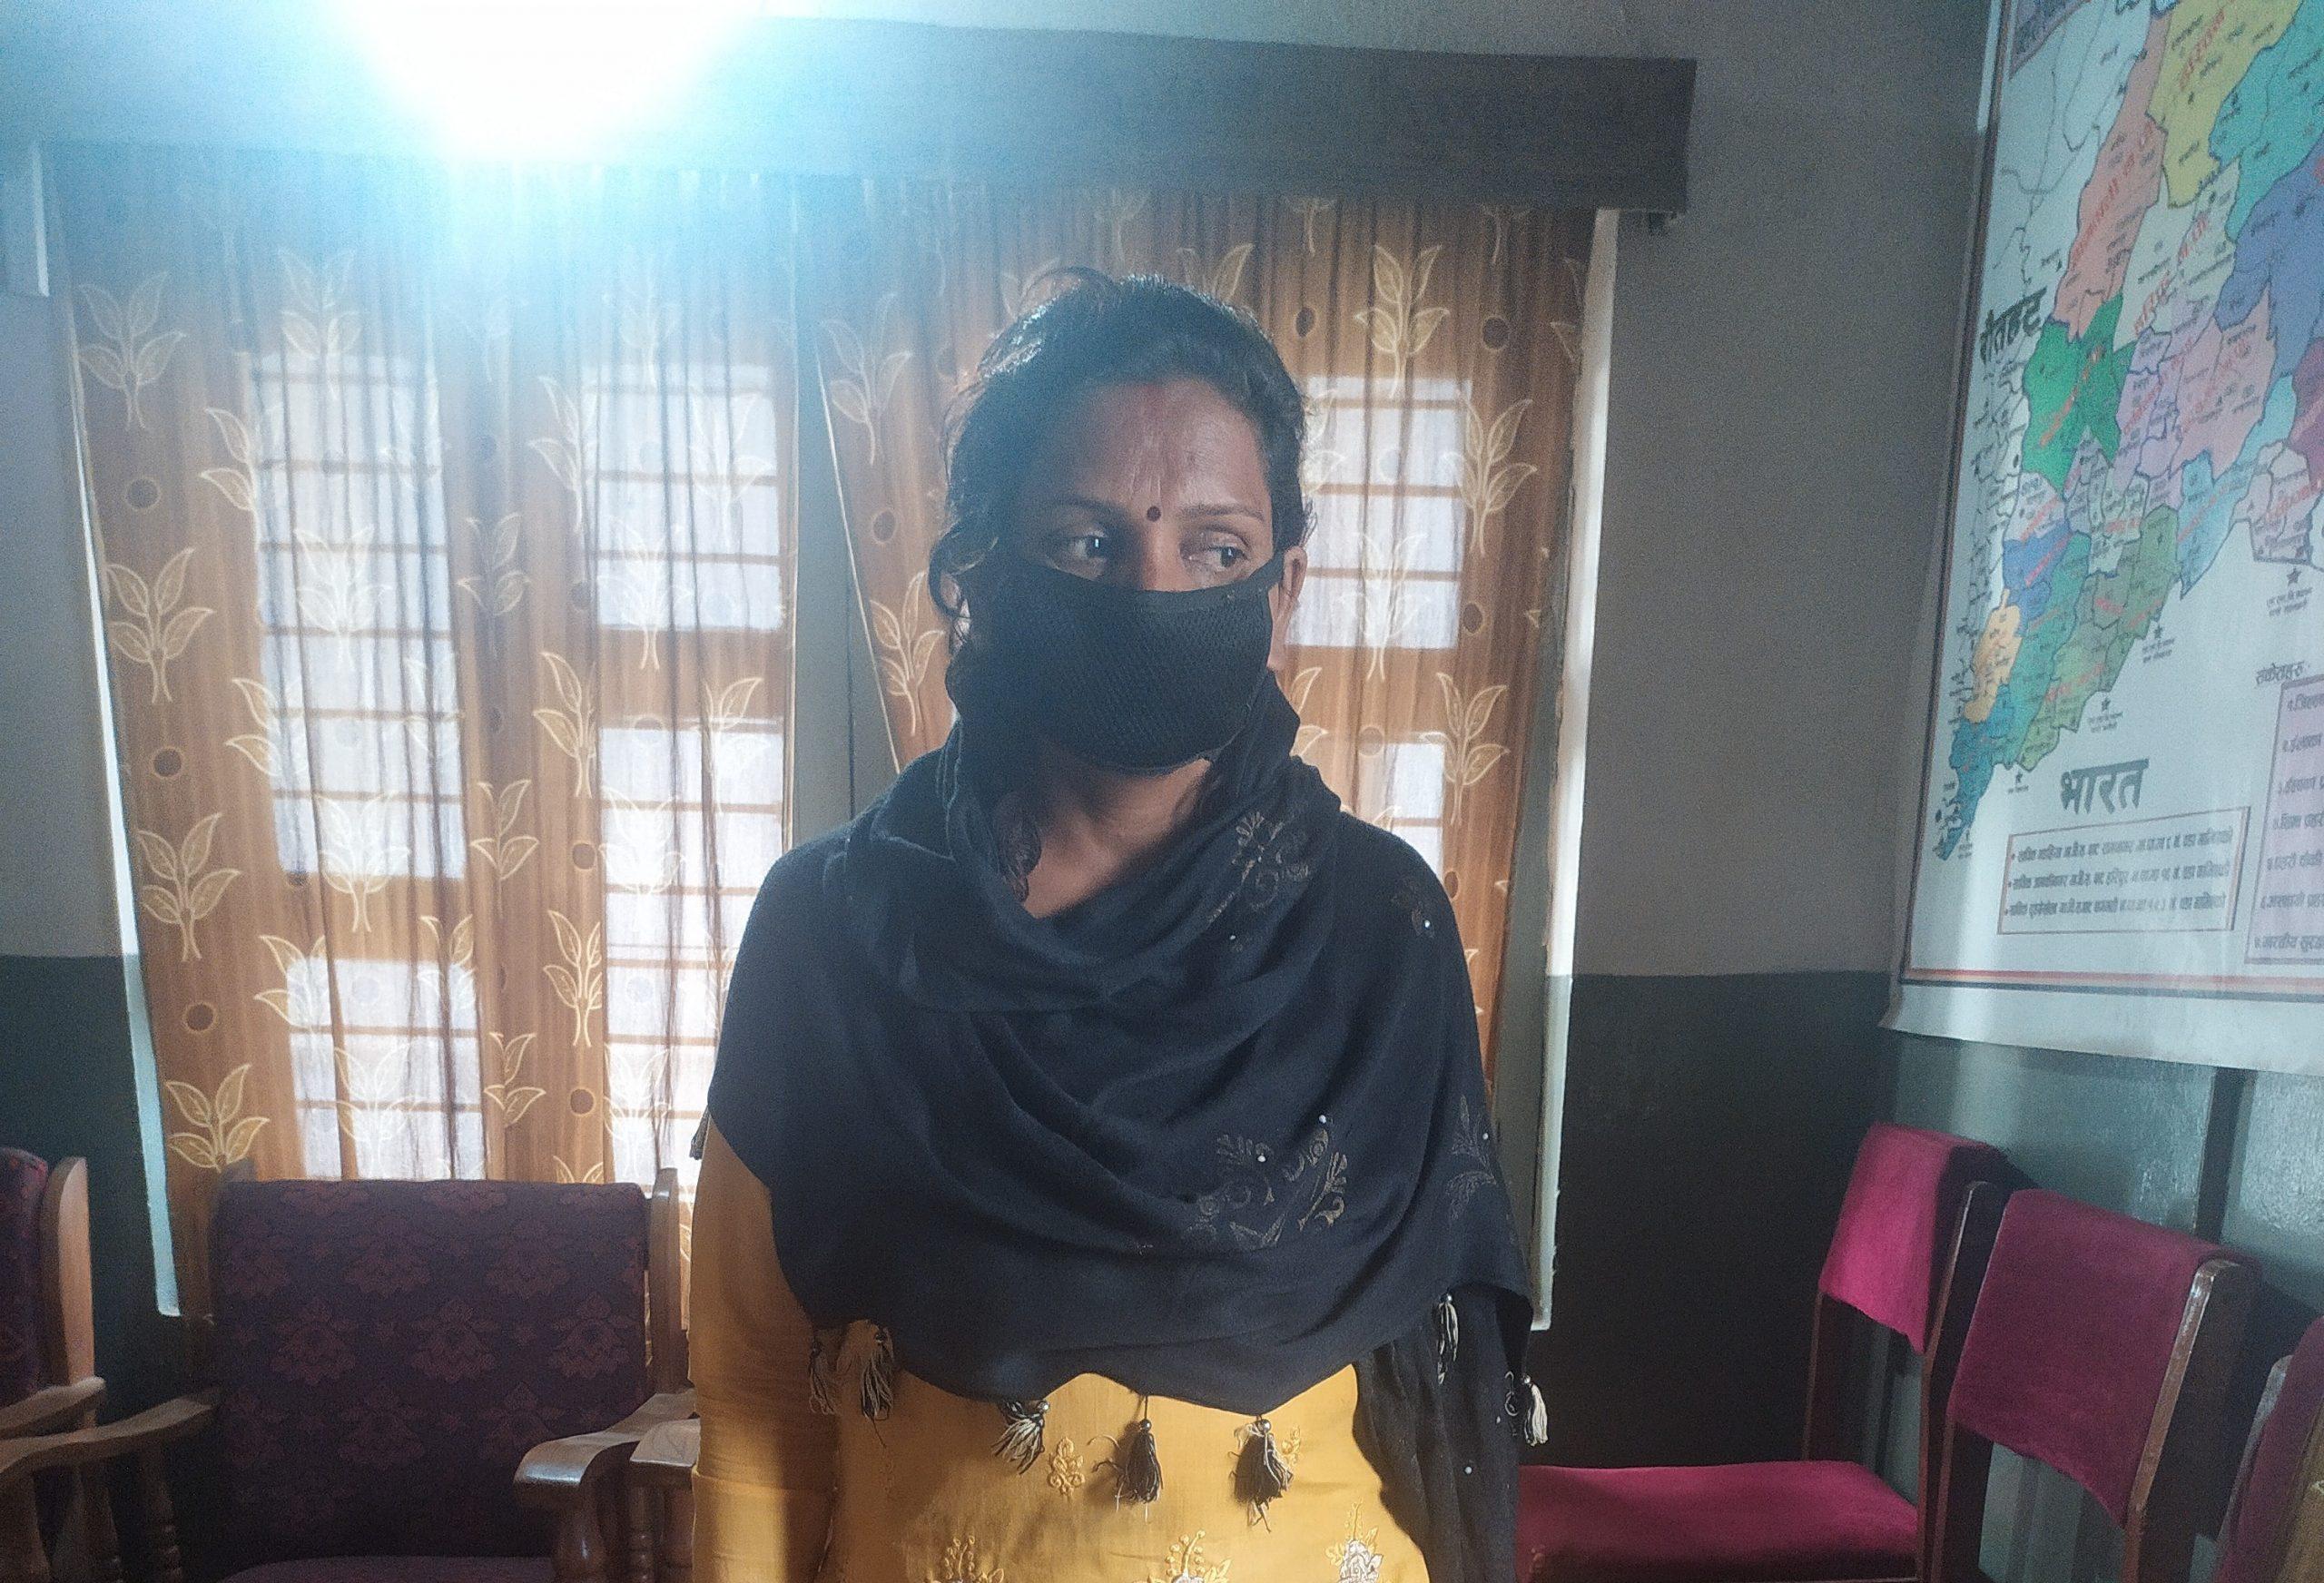 सर्लाहीमा ग्यास चुल्हा र सिलिण्डर दिने भन्दै रकम असुली गर्ने महिला पक्राउ